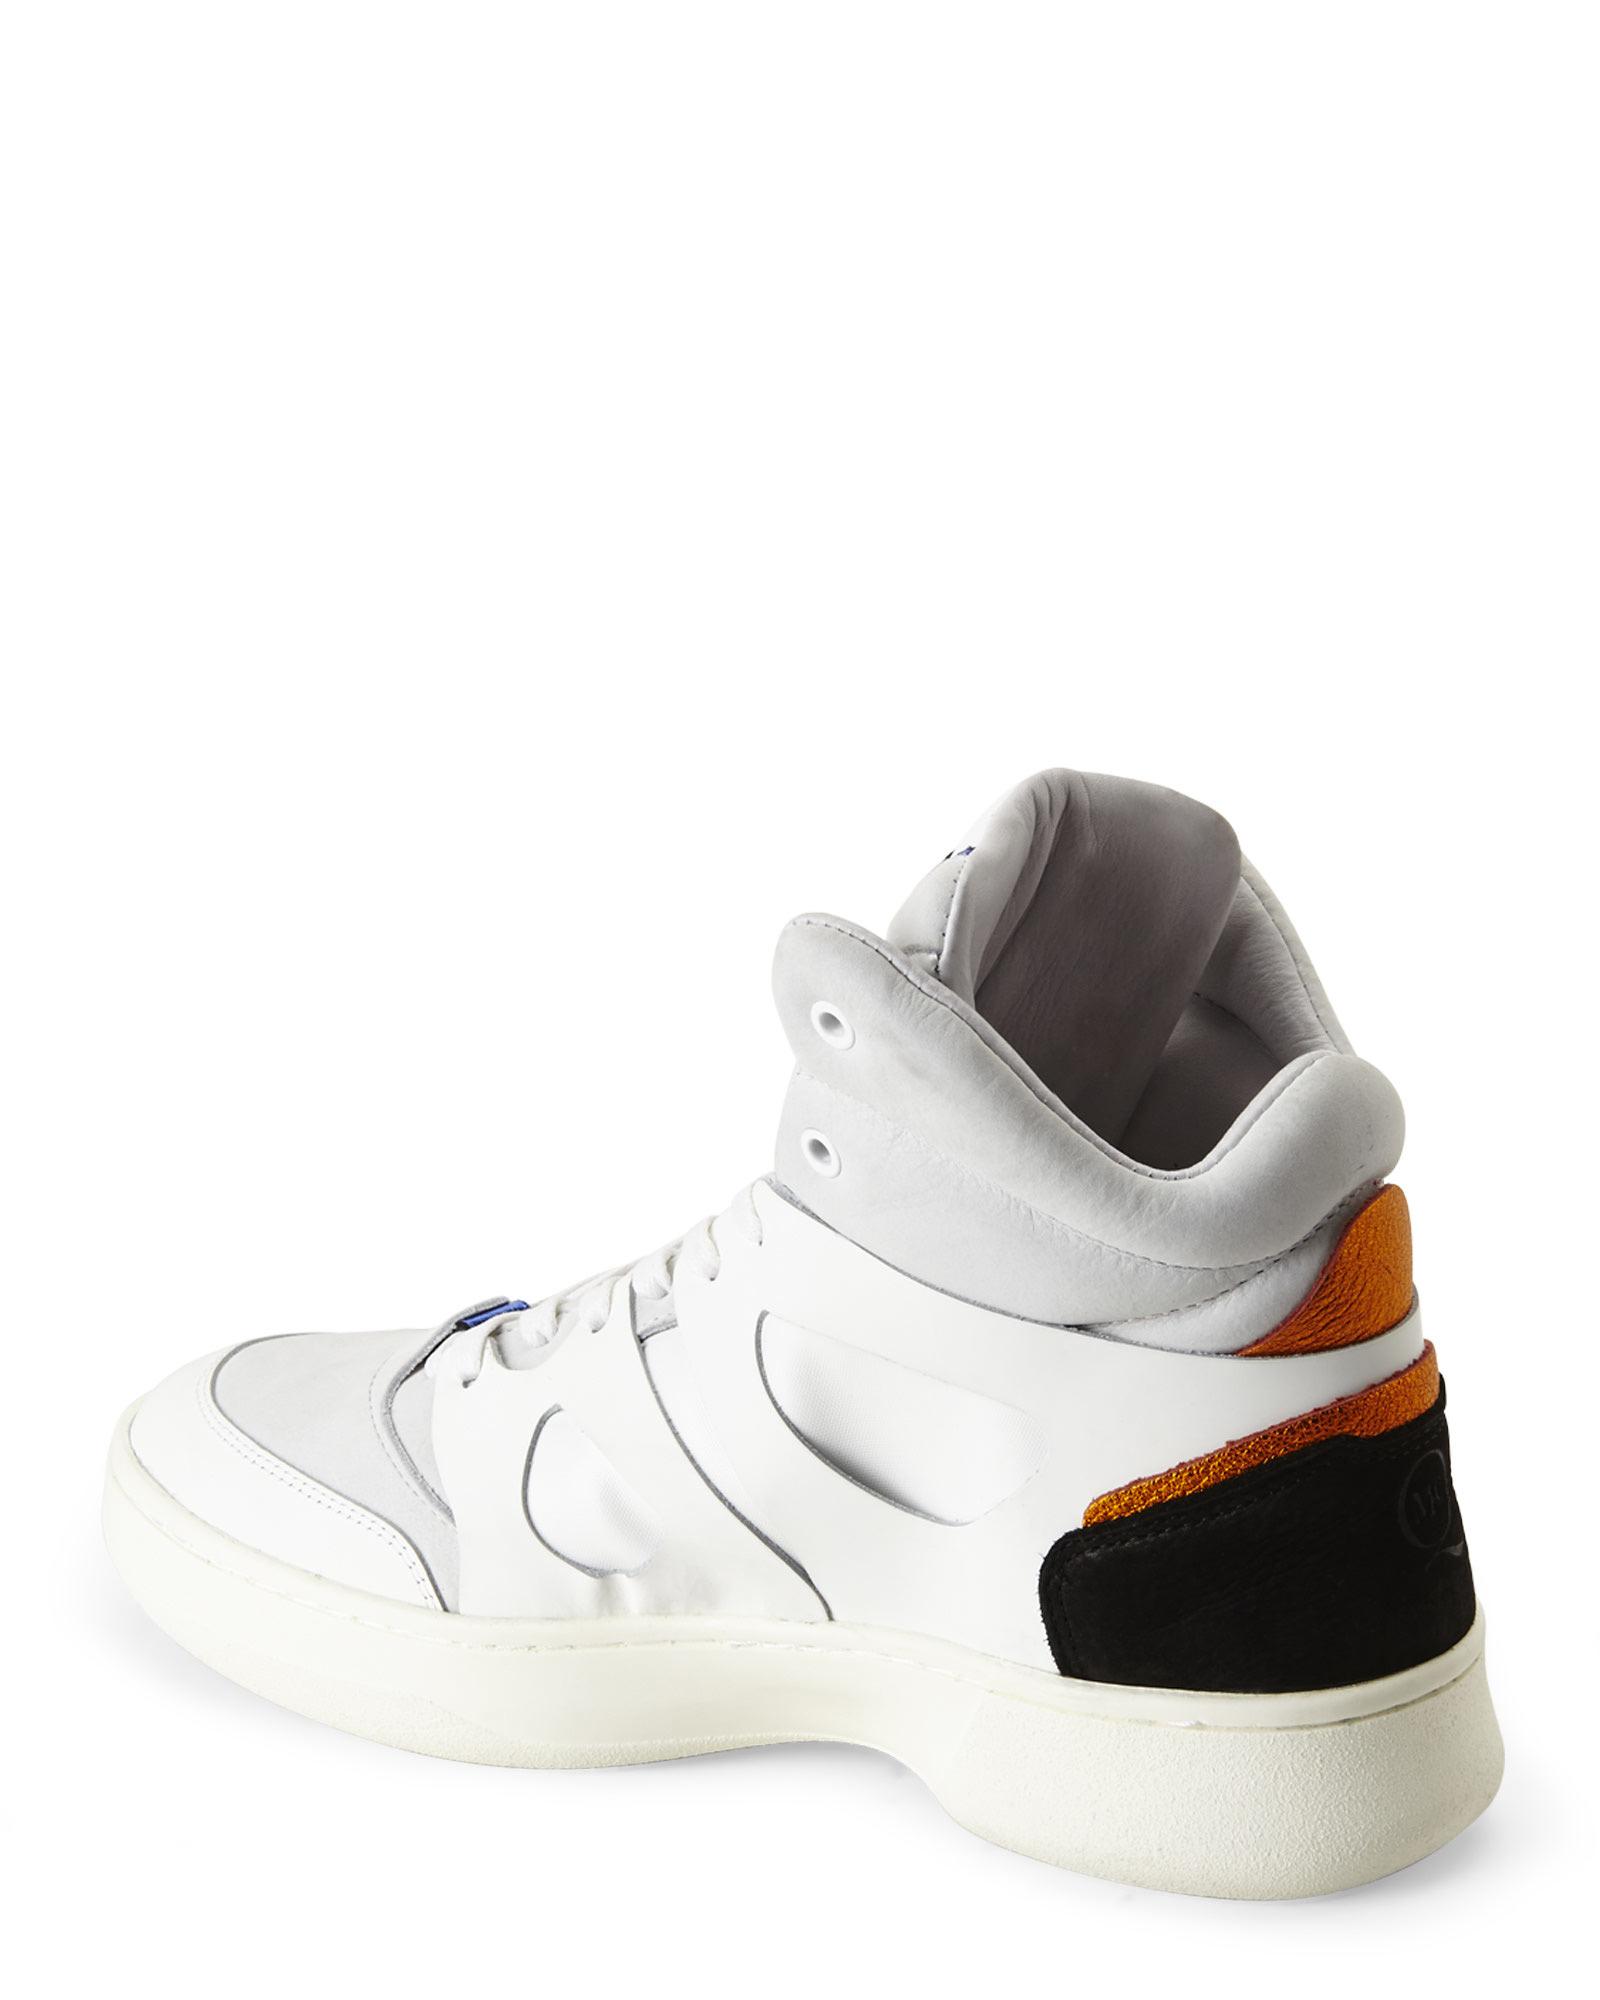 Puma X Alexander Mcqueen Sneakers wearpointwindfarm.co.uk